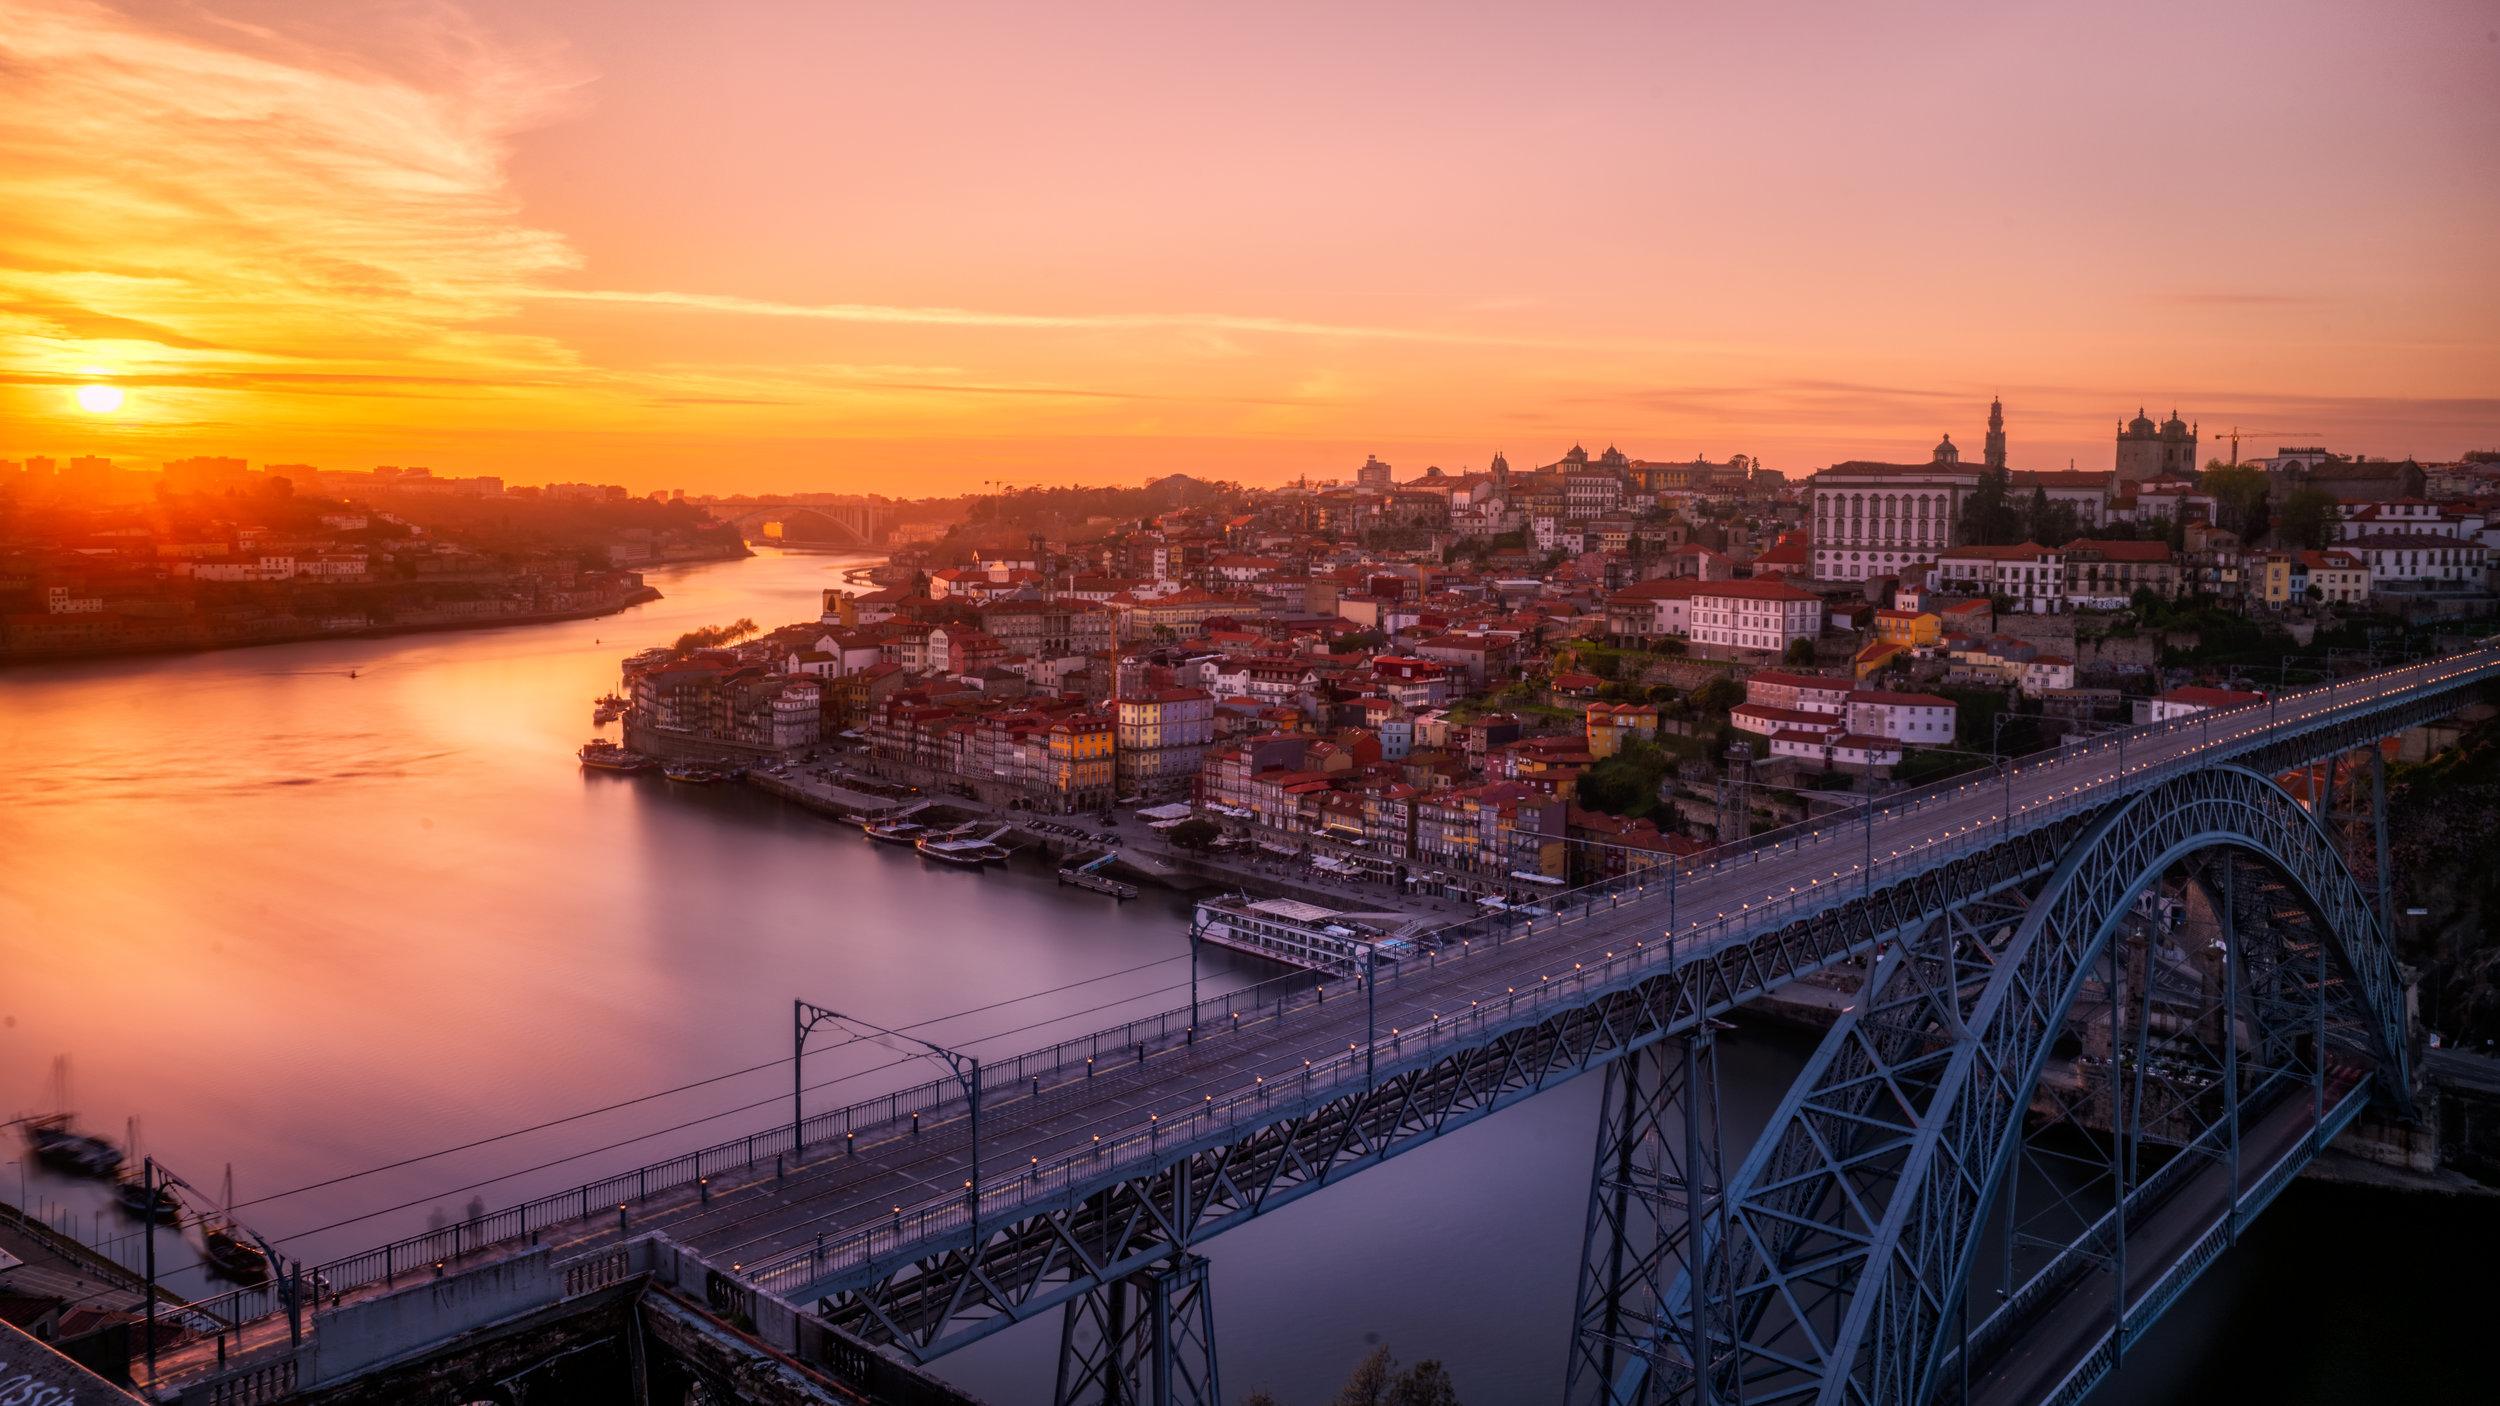 Portugal - Uno de los países más hermosos de todo Europa. Portugal es un tesoro escondido para un viaje romántico. Aquí tendrás todo en uno: playas, cultura, gastronomía de primer orden mundial, viñedos, pero sobre todo muchas energías positivas. La cultura portuguesa es una muy relax, lo que facilitará tus vacaciones. Portugal es entre un 20%-40% más económico que la mayoría de los países de Europa Occidental, lo que hará que tengas uno de los mejores viajes de tu vida por una fracción de dinero que otros. Destino recomendado si estás buscando un lugar muy íntimo y aventurero a la misma vez.